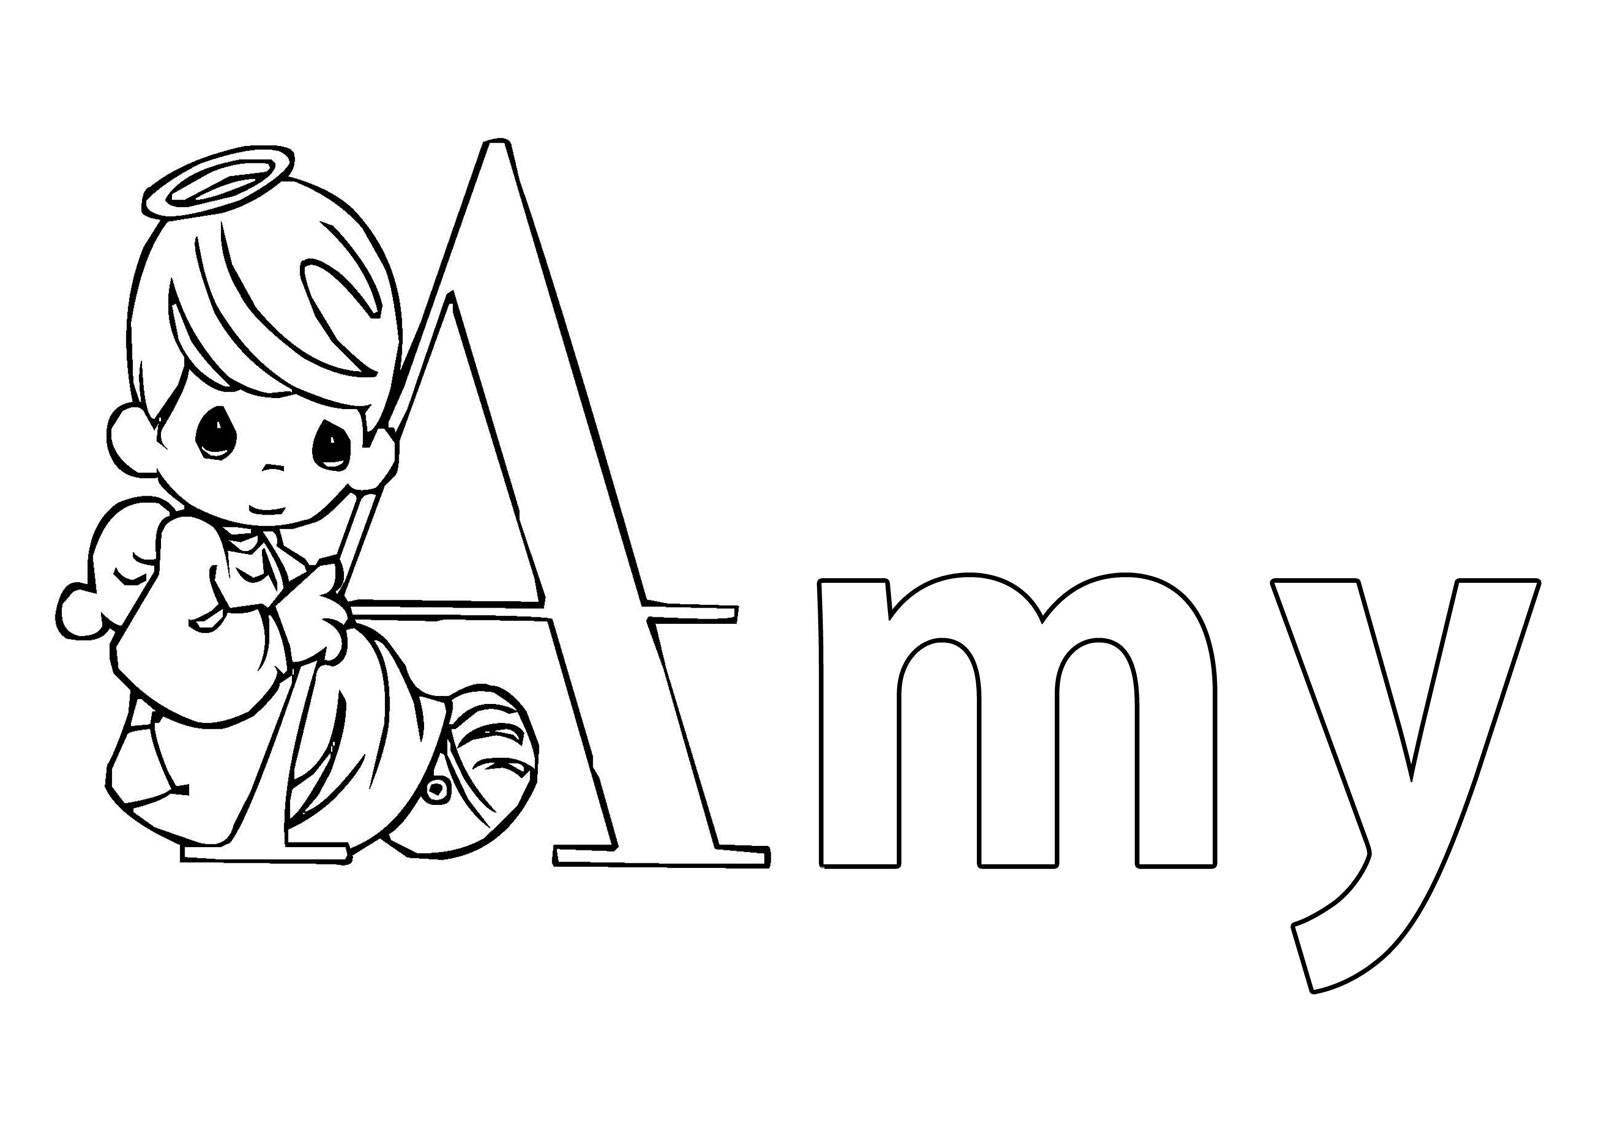 Ausmalbild Beliebte Mädchennamen: Vorname Amy ausmalen kostenlos ...